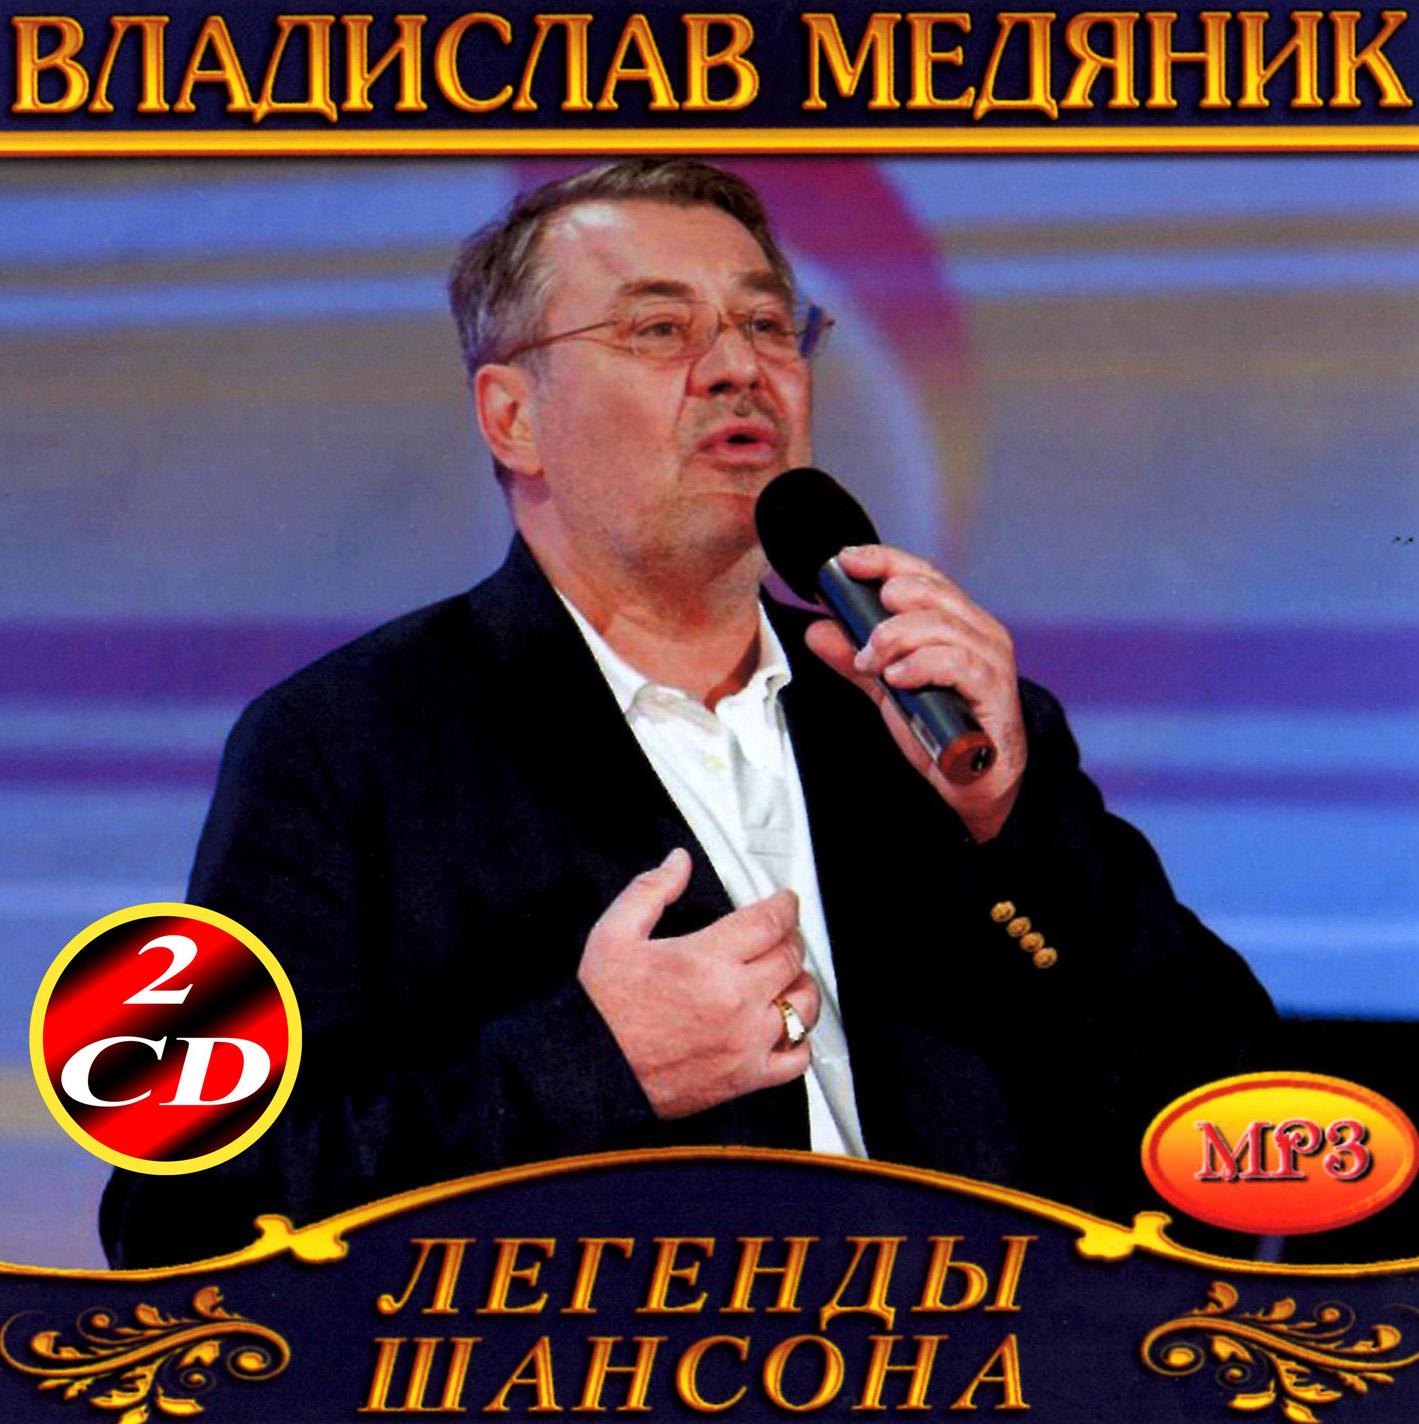 Слава Медяник 2cd [mp3]